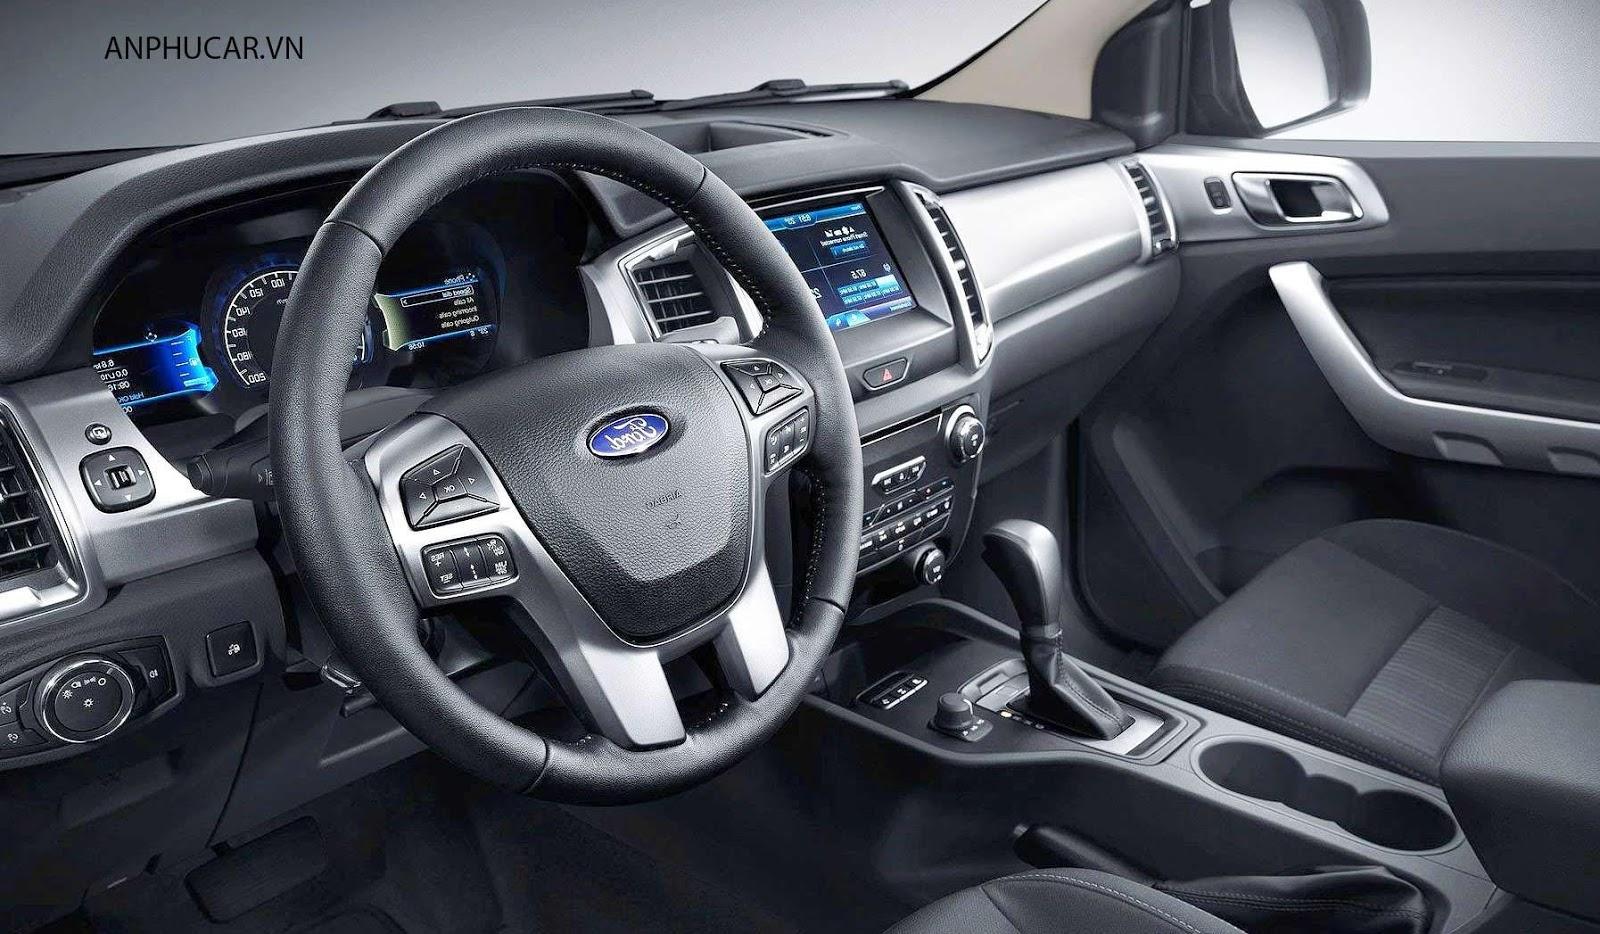 Không gian cabin có sự chênh lệch không nhỏ của 2 phiên bản  - Phiên bản máy dầu số sàn giữa Toyota Fortuner 2021 và Ford Everest 2021 – Ai mới là kẻ thống trị?